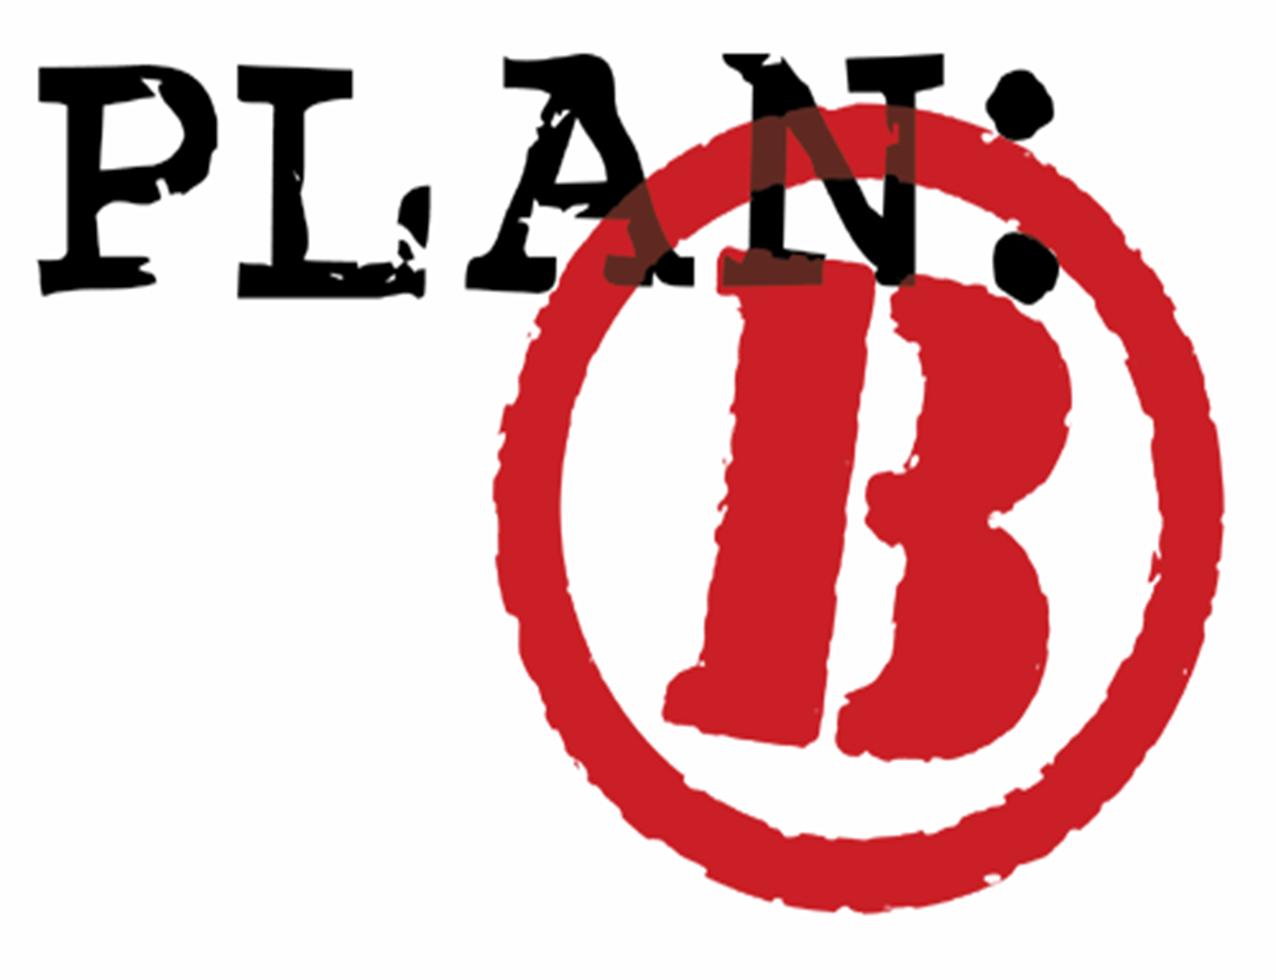 Το κρυφό plan B μέχρι τον Ιούνιο - του Σταύρου Λυγερού